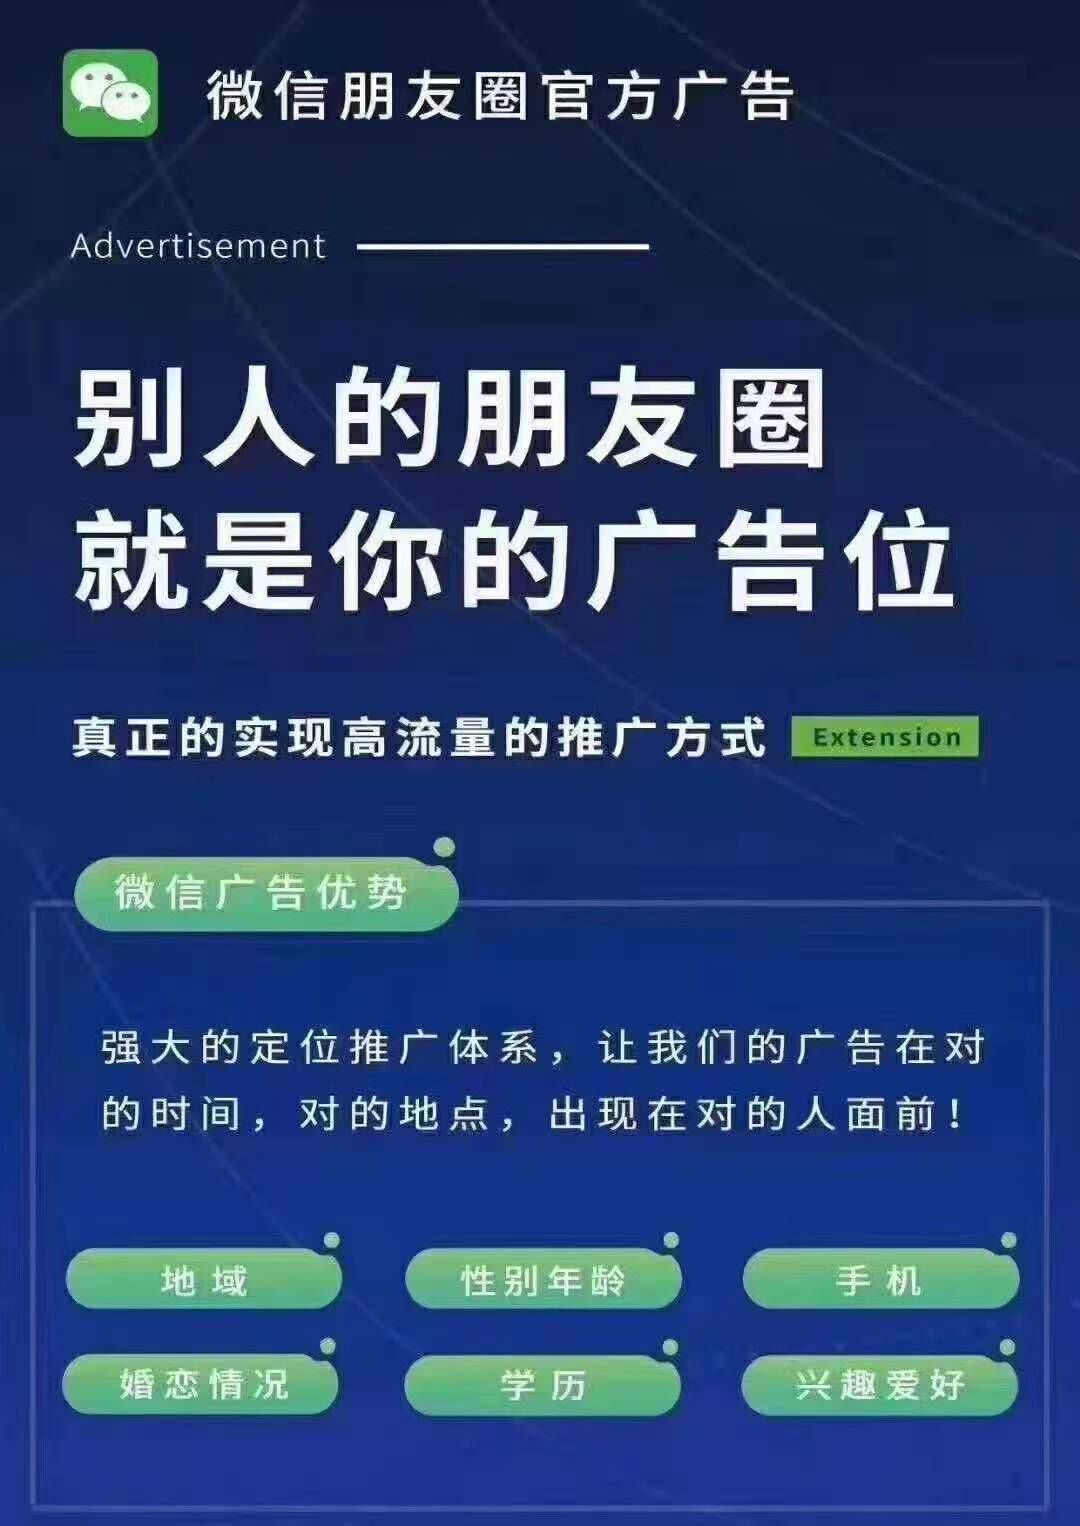 微信朋友圈广告